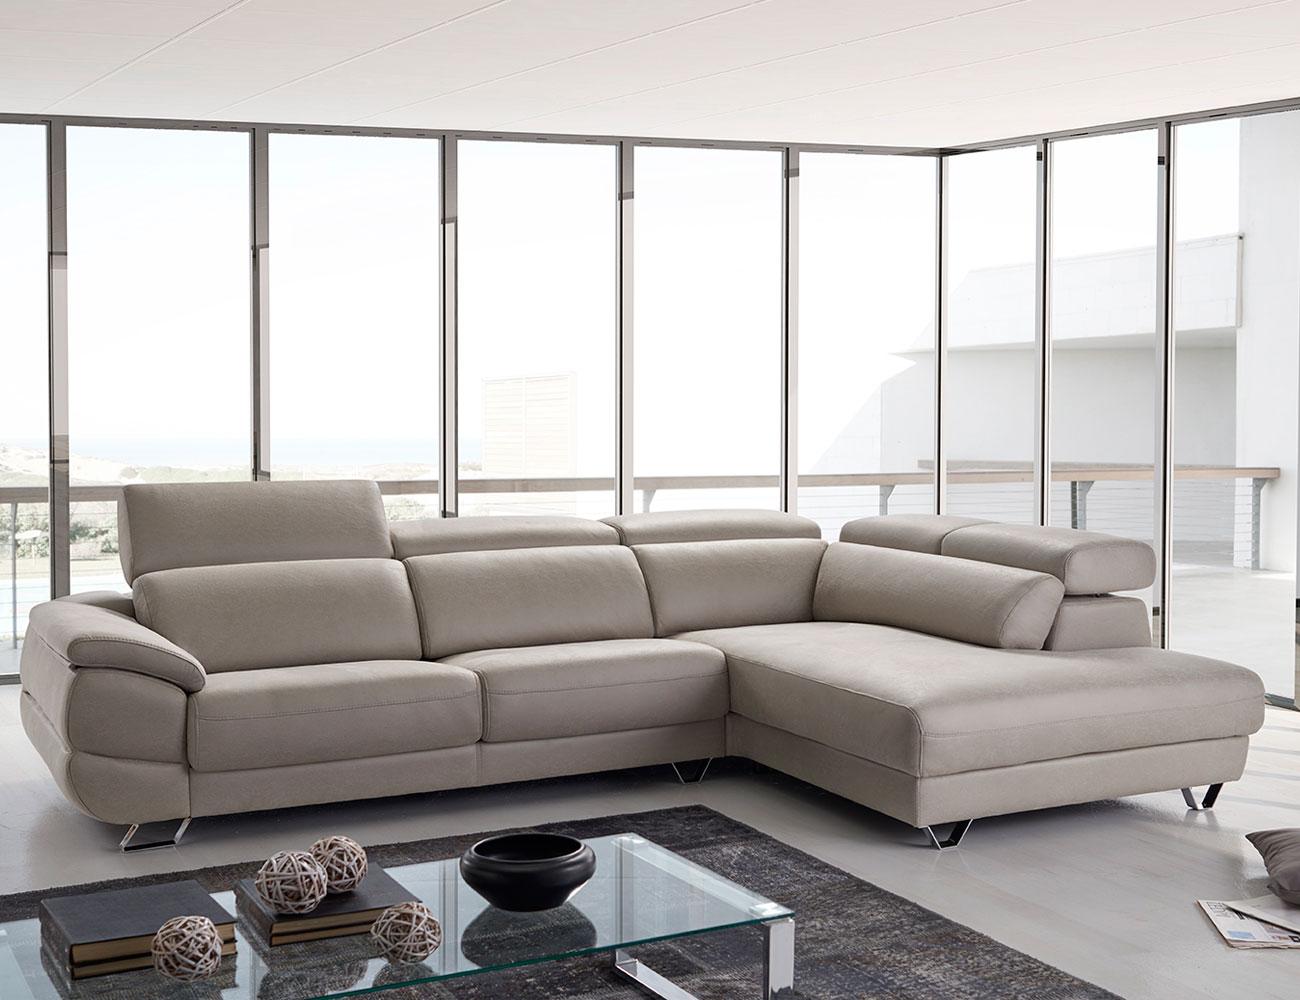 Sof dalmata de pedro ortiz con chaiselongue terminal rinc n 21809 factory del mueble utrera - Sofas pedro ortiz opiniones ...